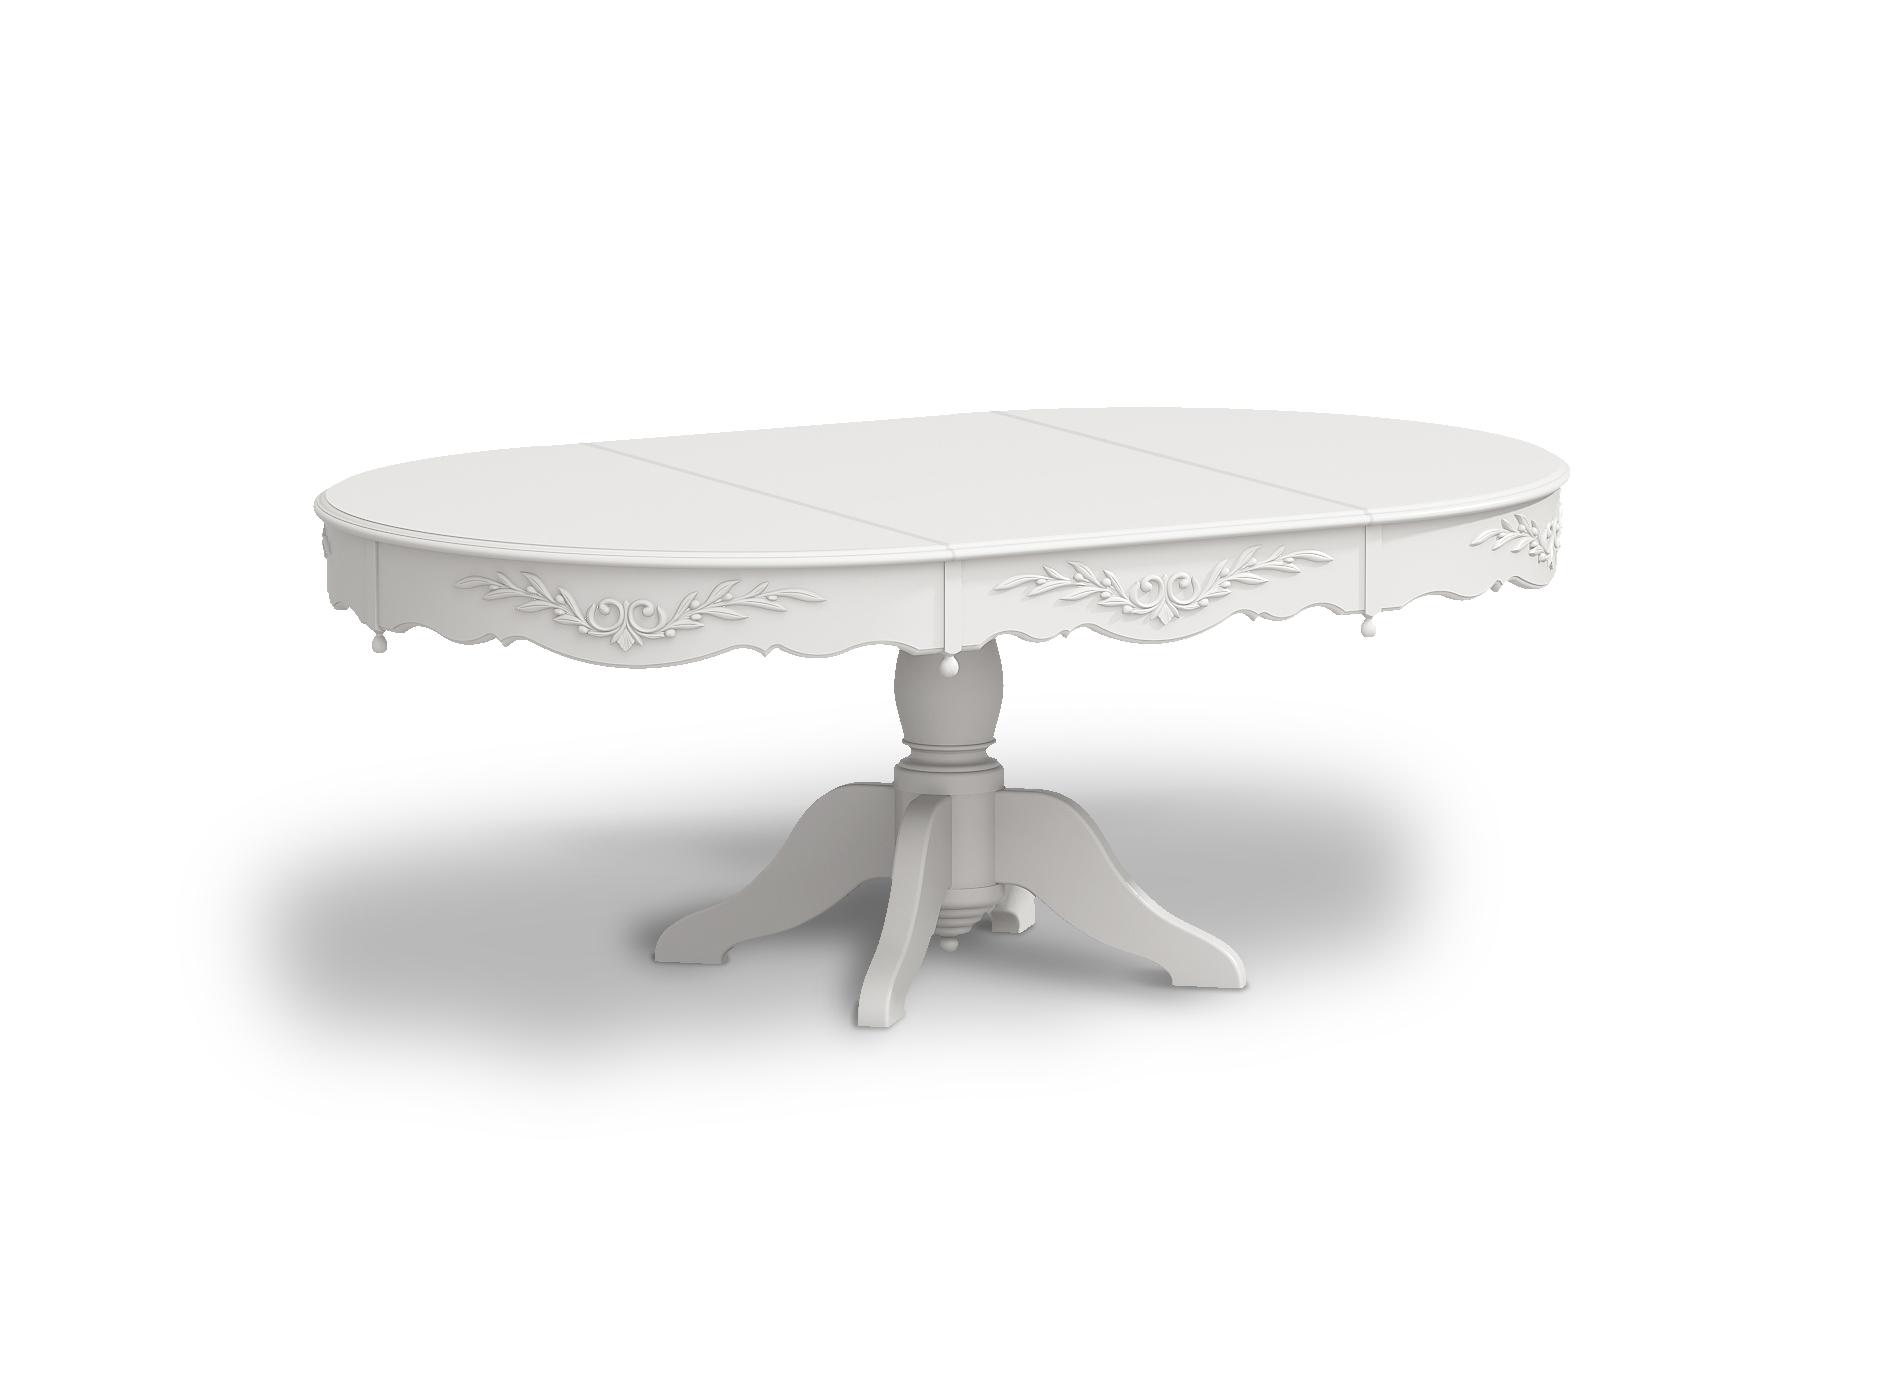 Стол круглый раздвижной Снежный ПровансОбеденные столы<br>Белая мебель Прованс для гостиной, спальни, столовой, кабинета отлично впишется в Ваш загородный дом. Белая высококачественная мебель &amp;quot;Снежный Прованс&amp;quot; также может послужить в качестве обстановки детской комнаты подростка. Это функциональная удобная мебель европейского качества. Коллекция изготовлена из массива бука (каркасы и точеные элементы мебели) и из высококачественного МДФ (филенчатые части) и соответствует немецким стандартам для детской мебели.<br>Мебель &amp;quot;Снежный Прованс&amp;quot; имеет плавные изогнутые формы и украшена потертым вручную декором в виде оливковой ветви.&amp;lt;div&amp;gt;&amp;lt;br&amp;gt;&amp;lt;/div&amp;gt;&amp;lt;div&amp;gt;Ширина стола в разобранном виде - 180 см.&amp;lt;/div&amp;gt;<br><br>Material: Бук<br>Высота см: 75